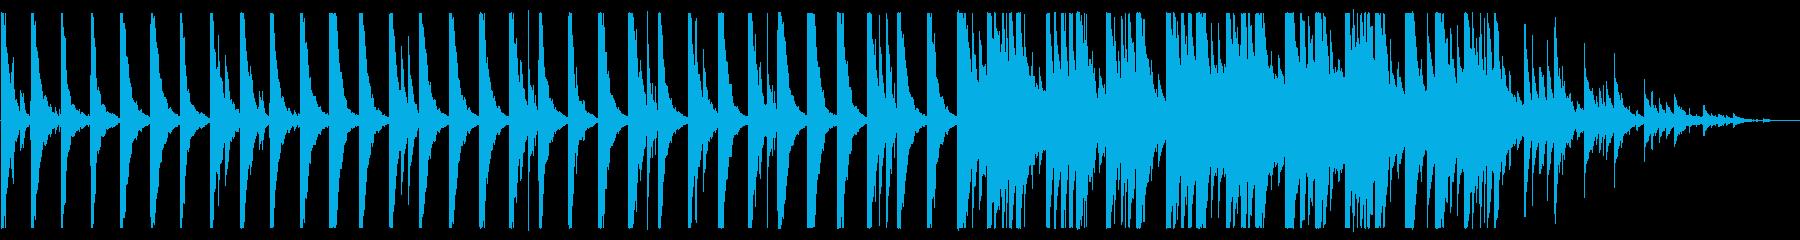 キラキラ/エレクトロニカ_No441_3の再生済みの波形